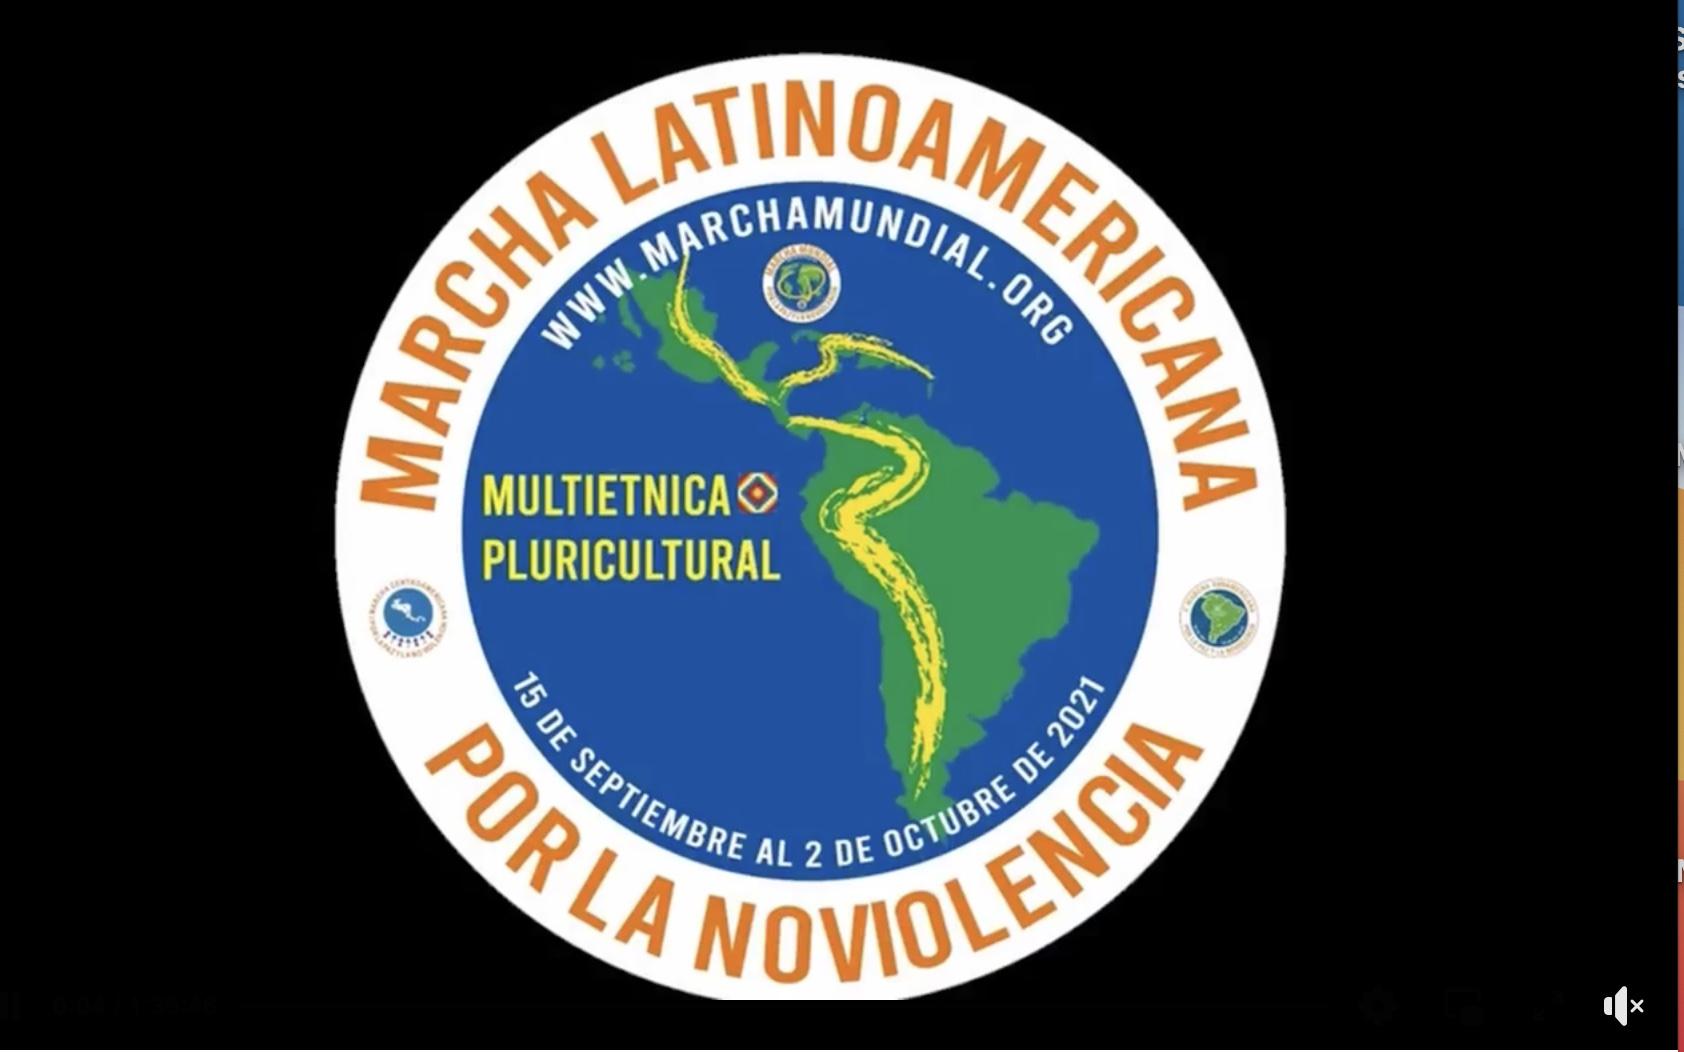 Départ réussi et profusion d'activités dans la Marche latino-américaine pour la non-violence